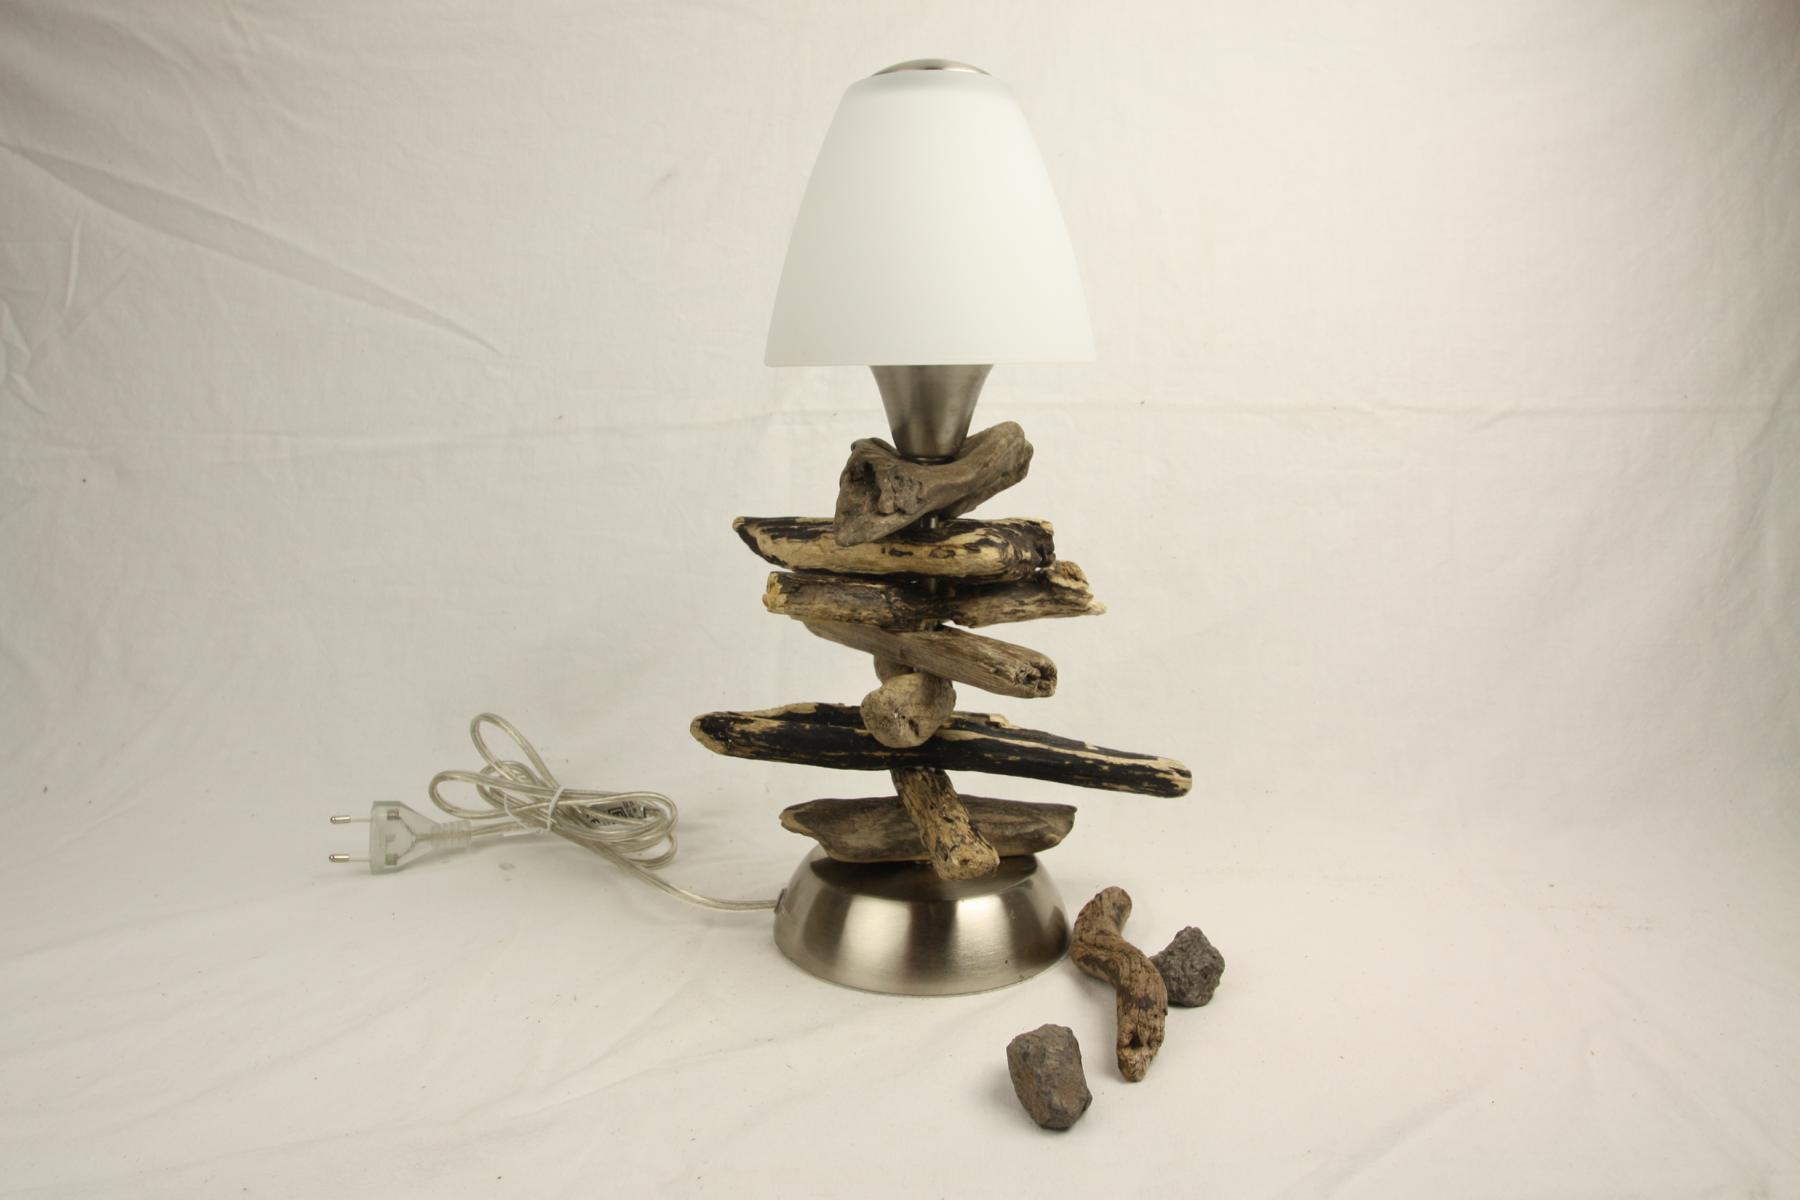 Treibholz Nachttischlampe Wwwtreibholz Bodenseede Tischlampe